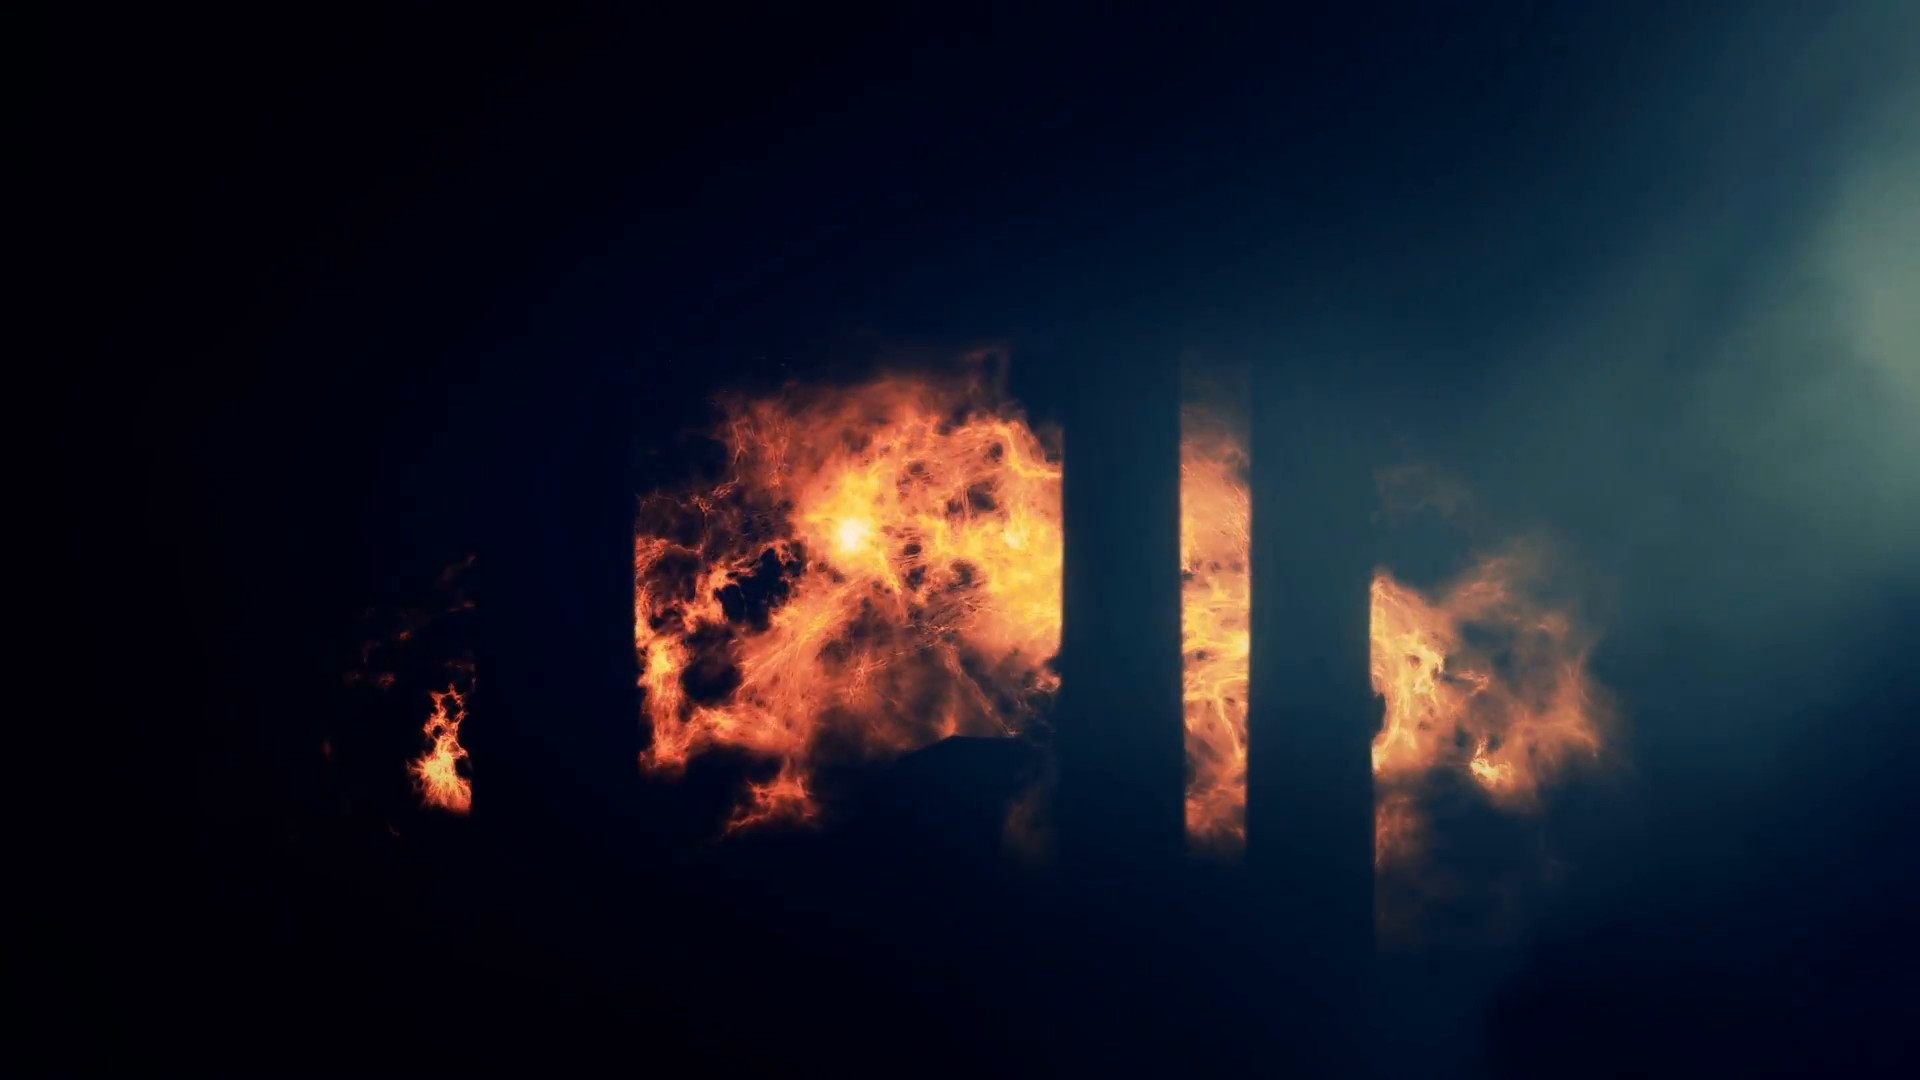 Burning City Background